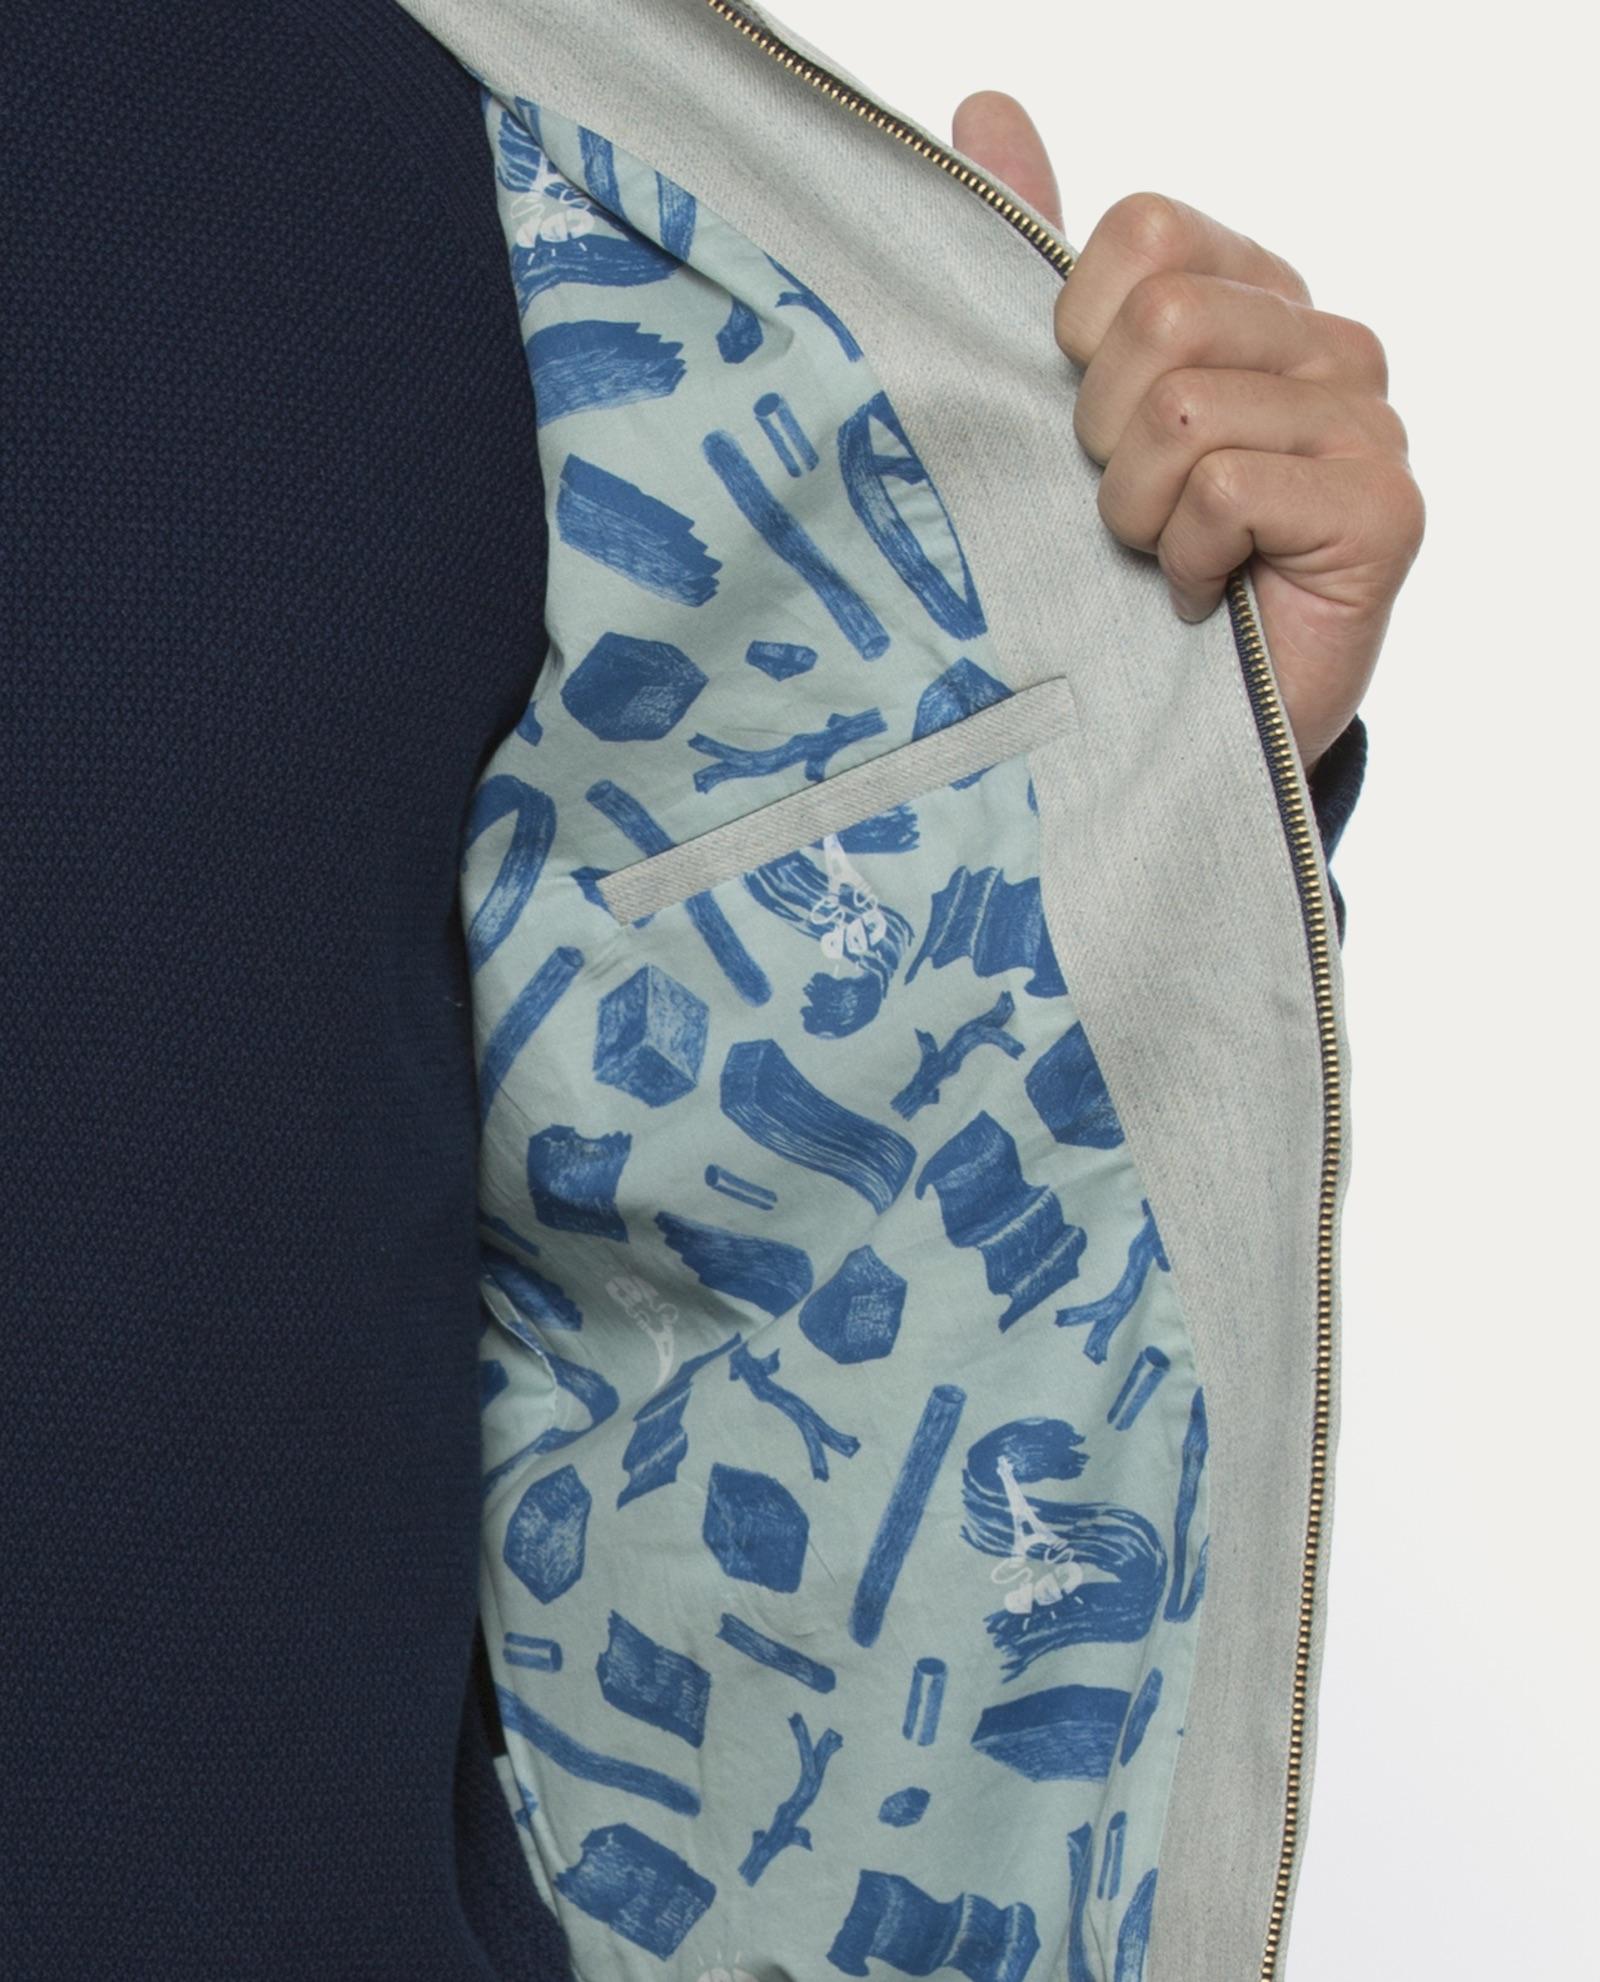 commune_de_paris_1871_jacket_anatole_light_blue_3